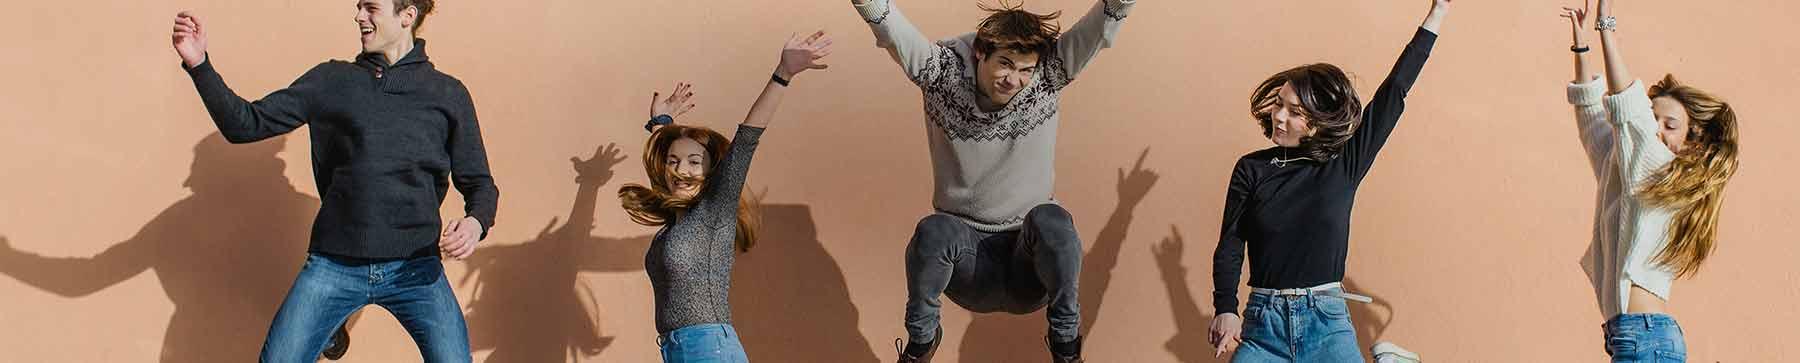 תמונה בתזמון מושלם של קבוצת חברים קופצת עם ידיים באוויר